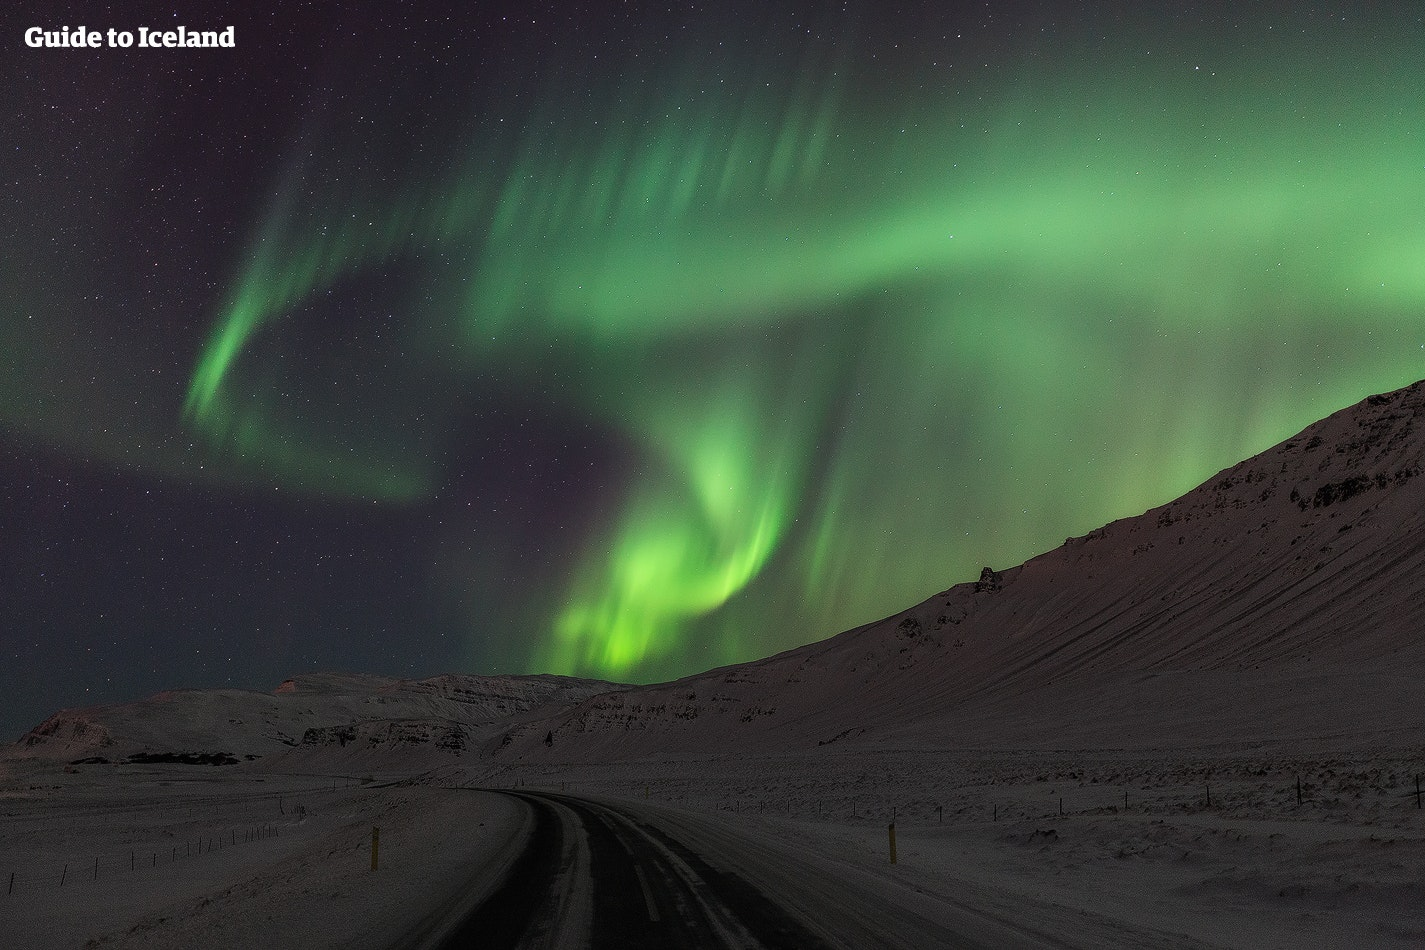 겨울철 아이슬란드가 선물하는 오로라를 감상해 보세요.